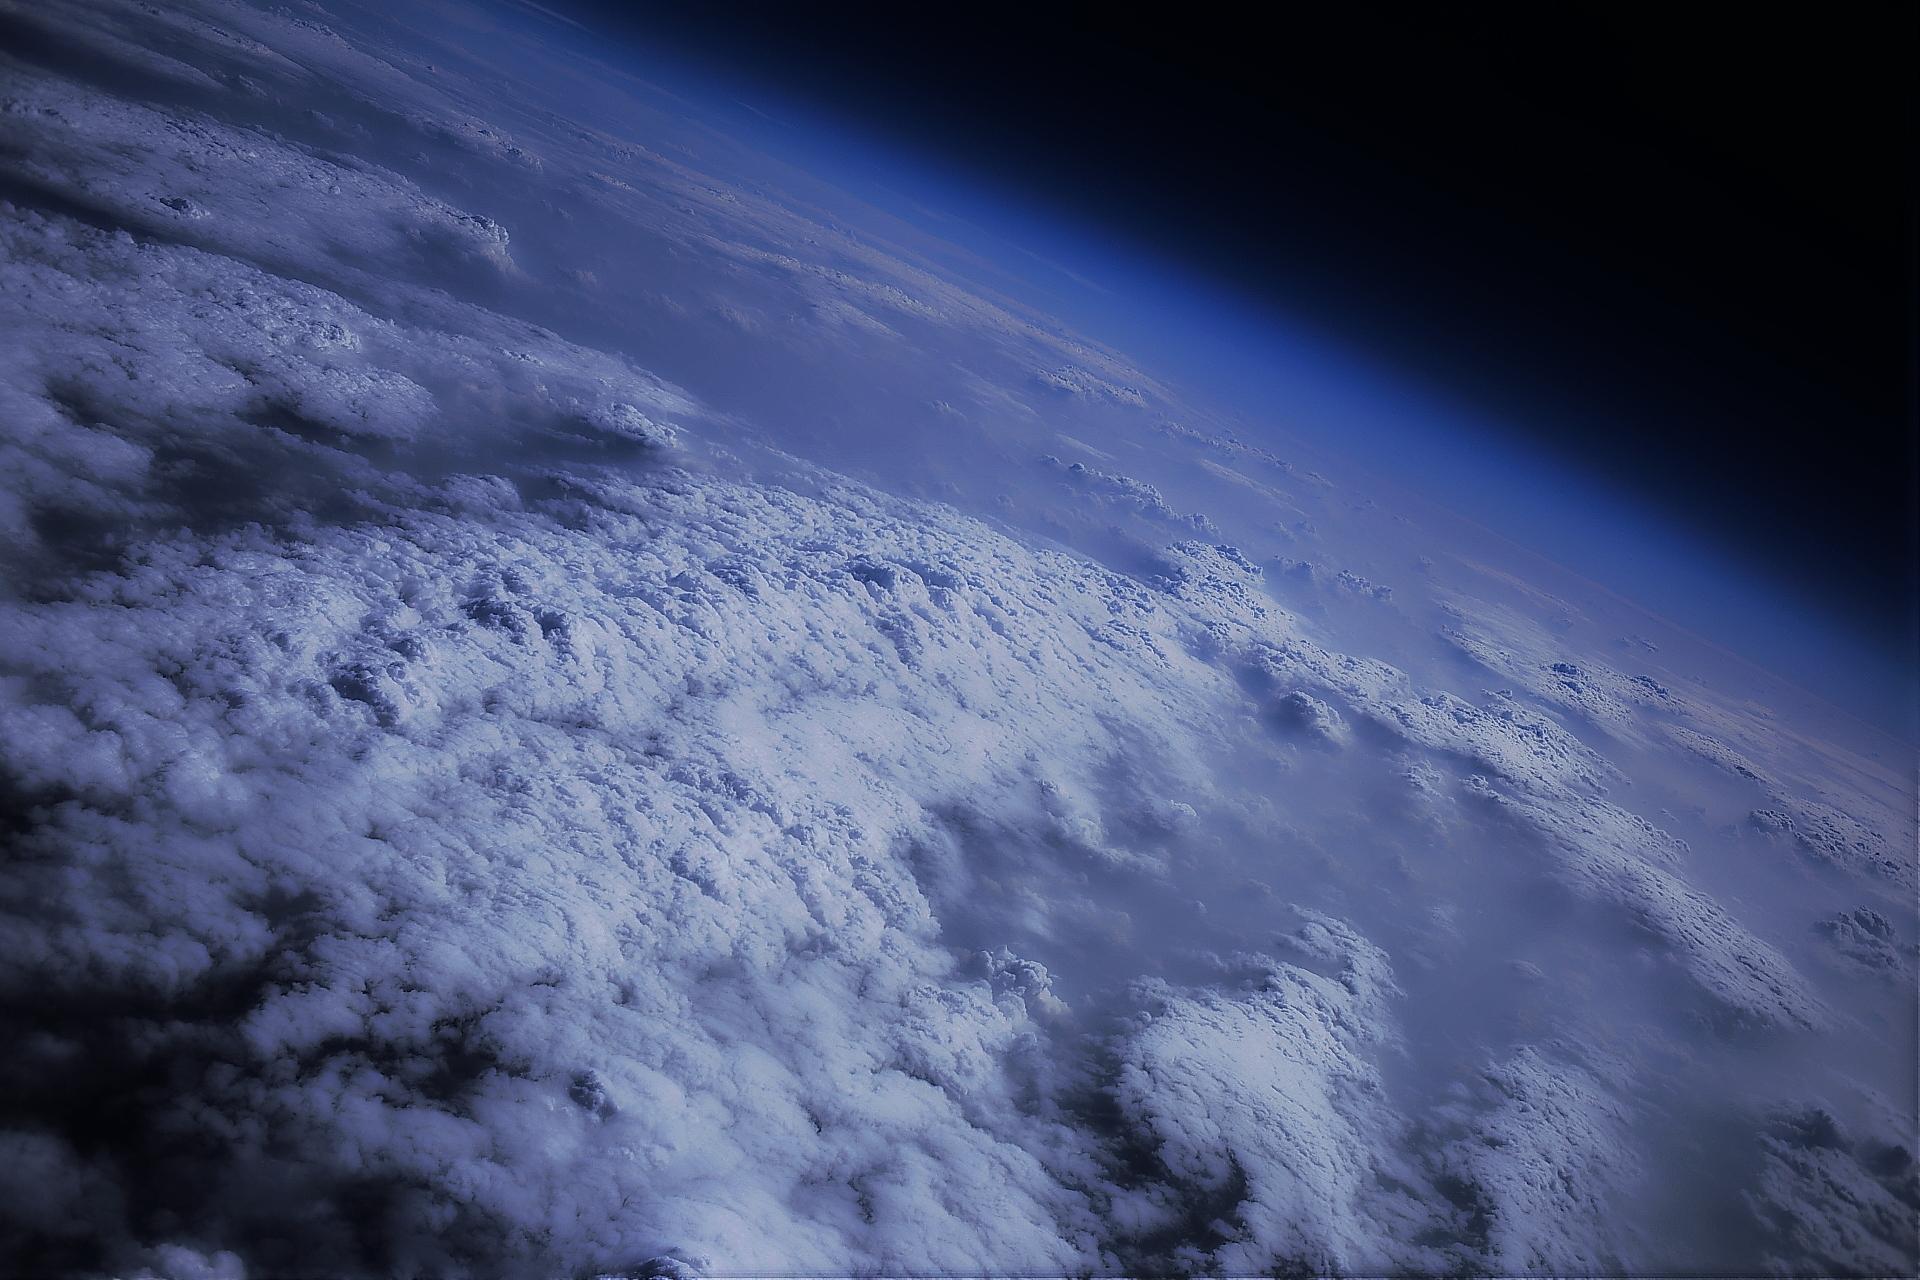 космос атмосфера фото данном вопросе